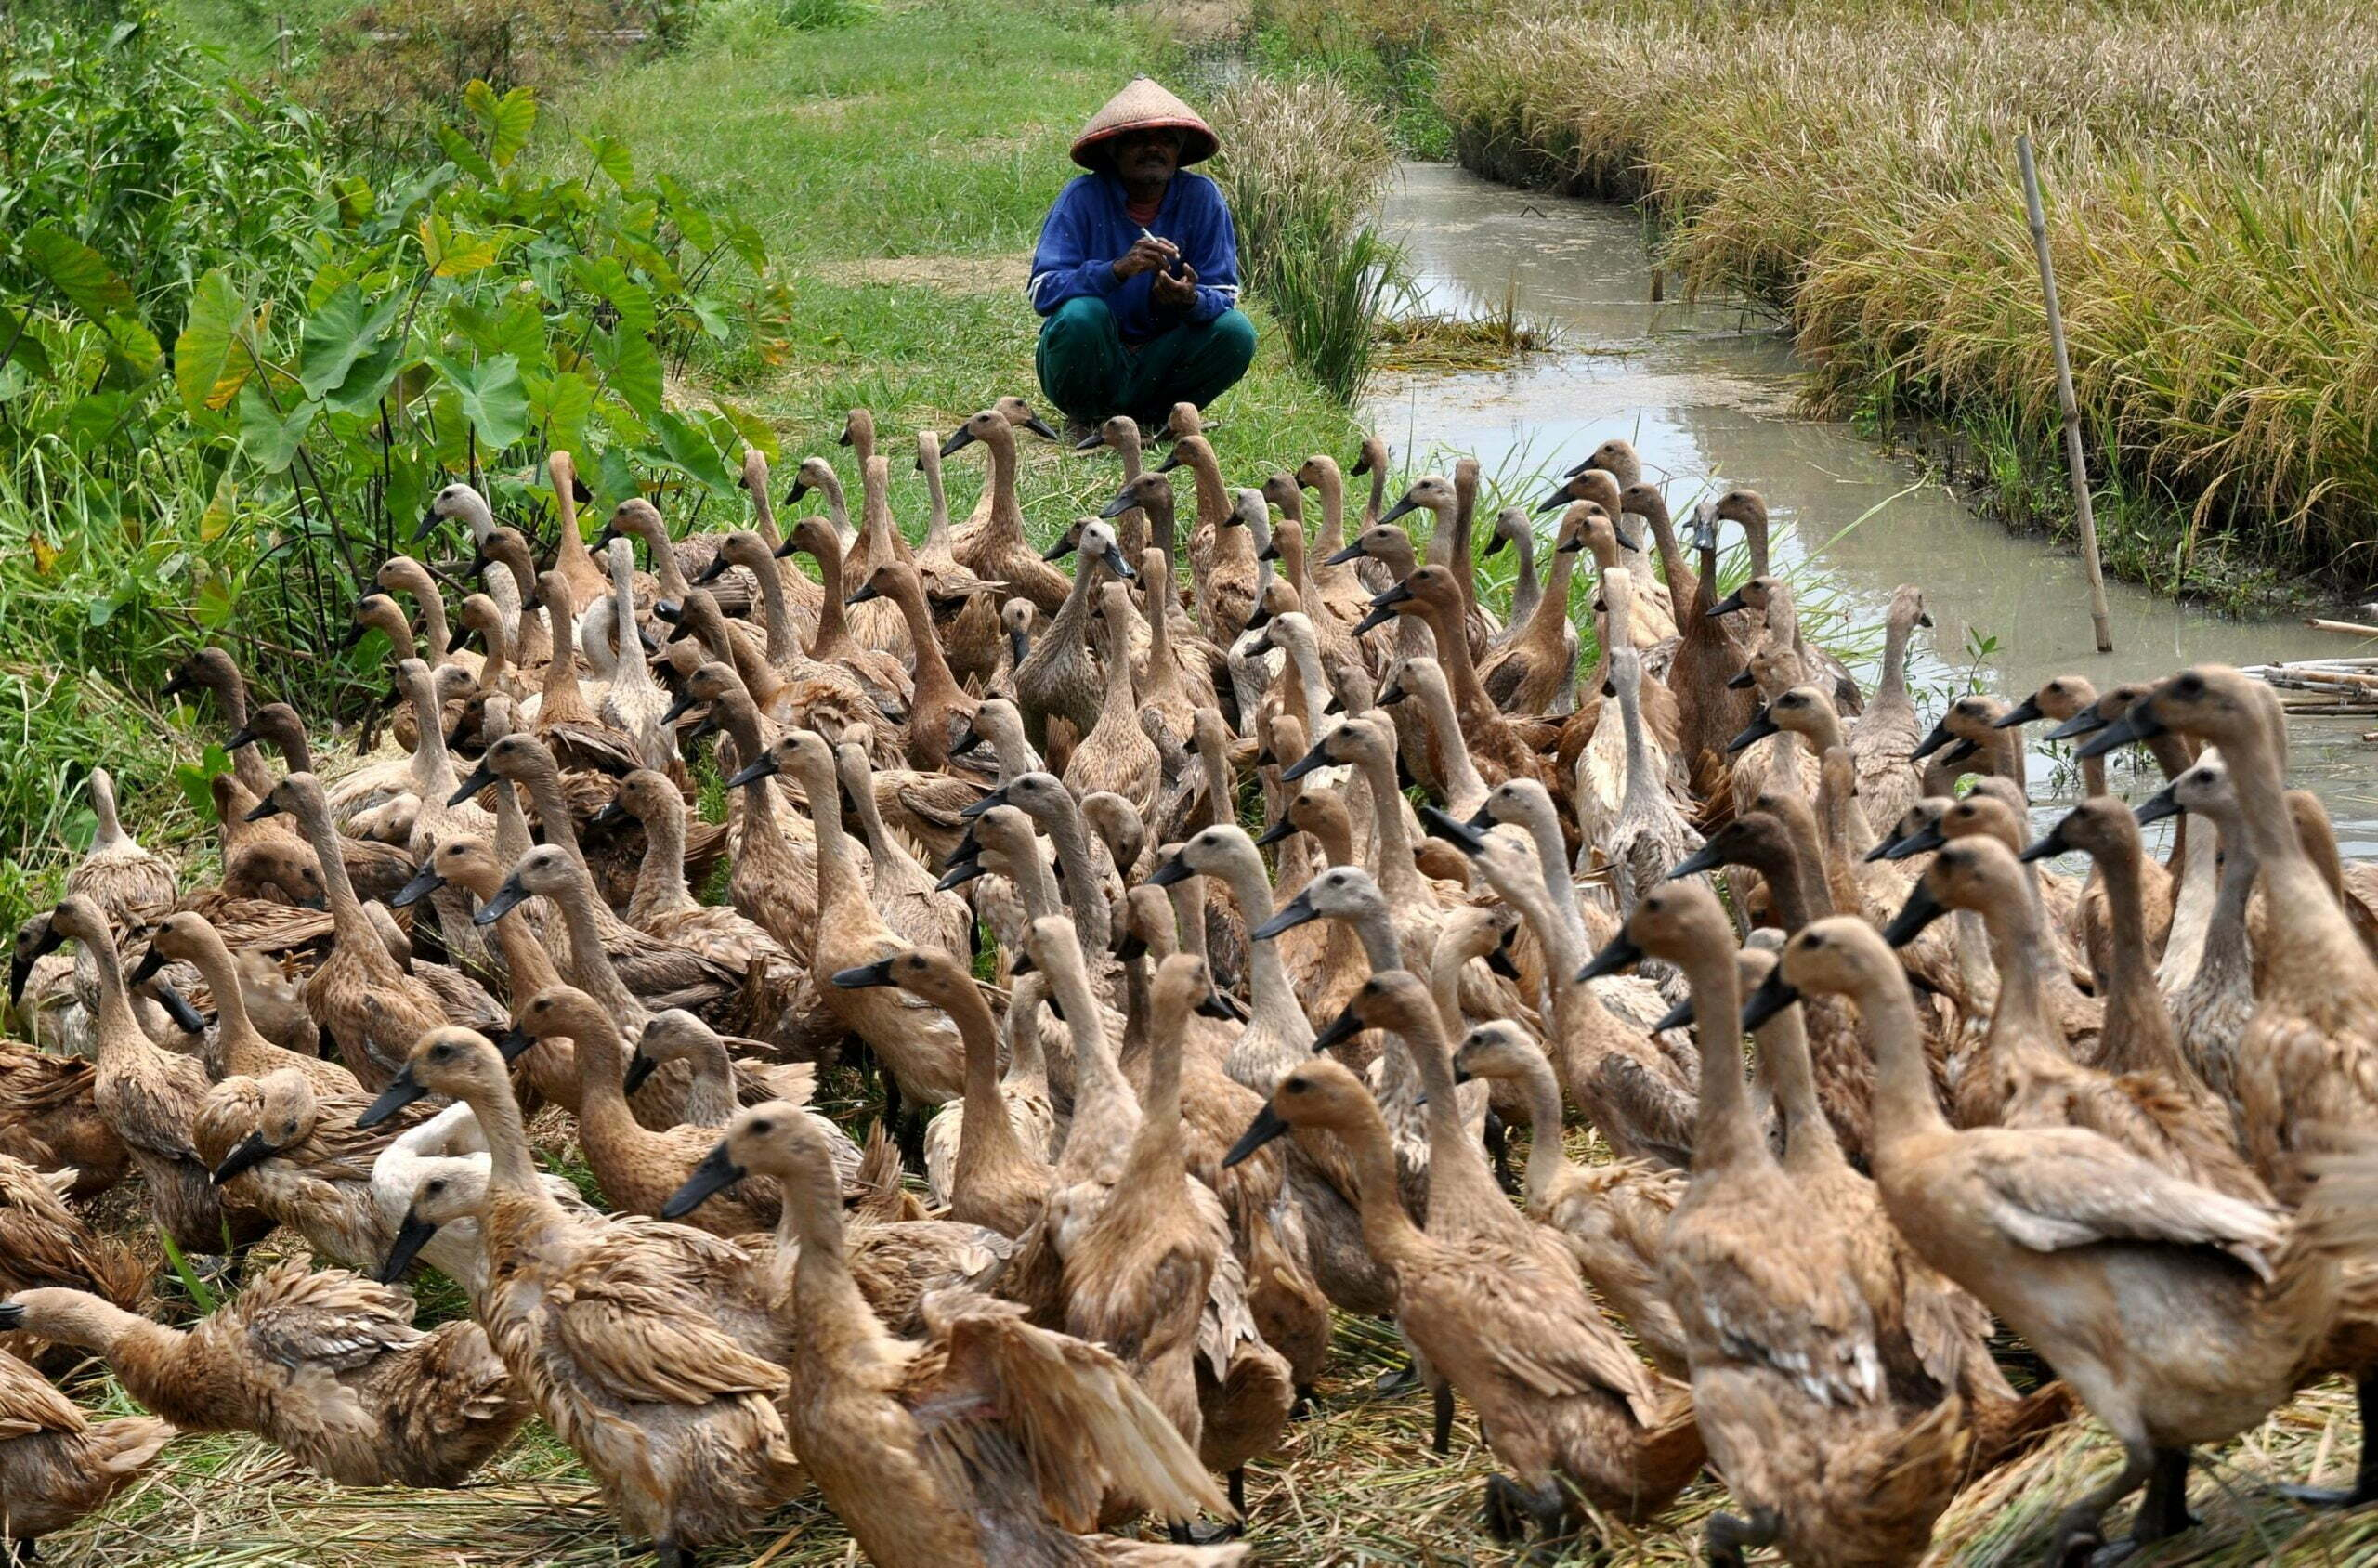 seorang-peternak-bebek-berpindah-menggembala-bebek-piaraannya-di-persawahan-desa-pucangrejo-pegandon-kendal-jateng